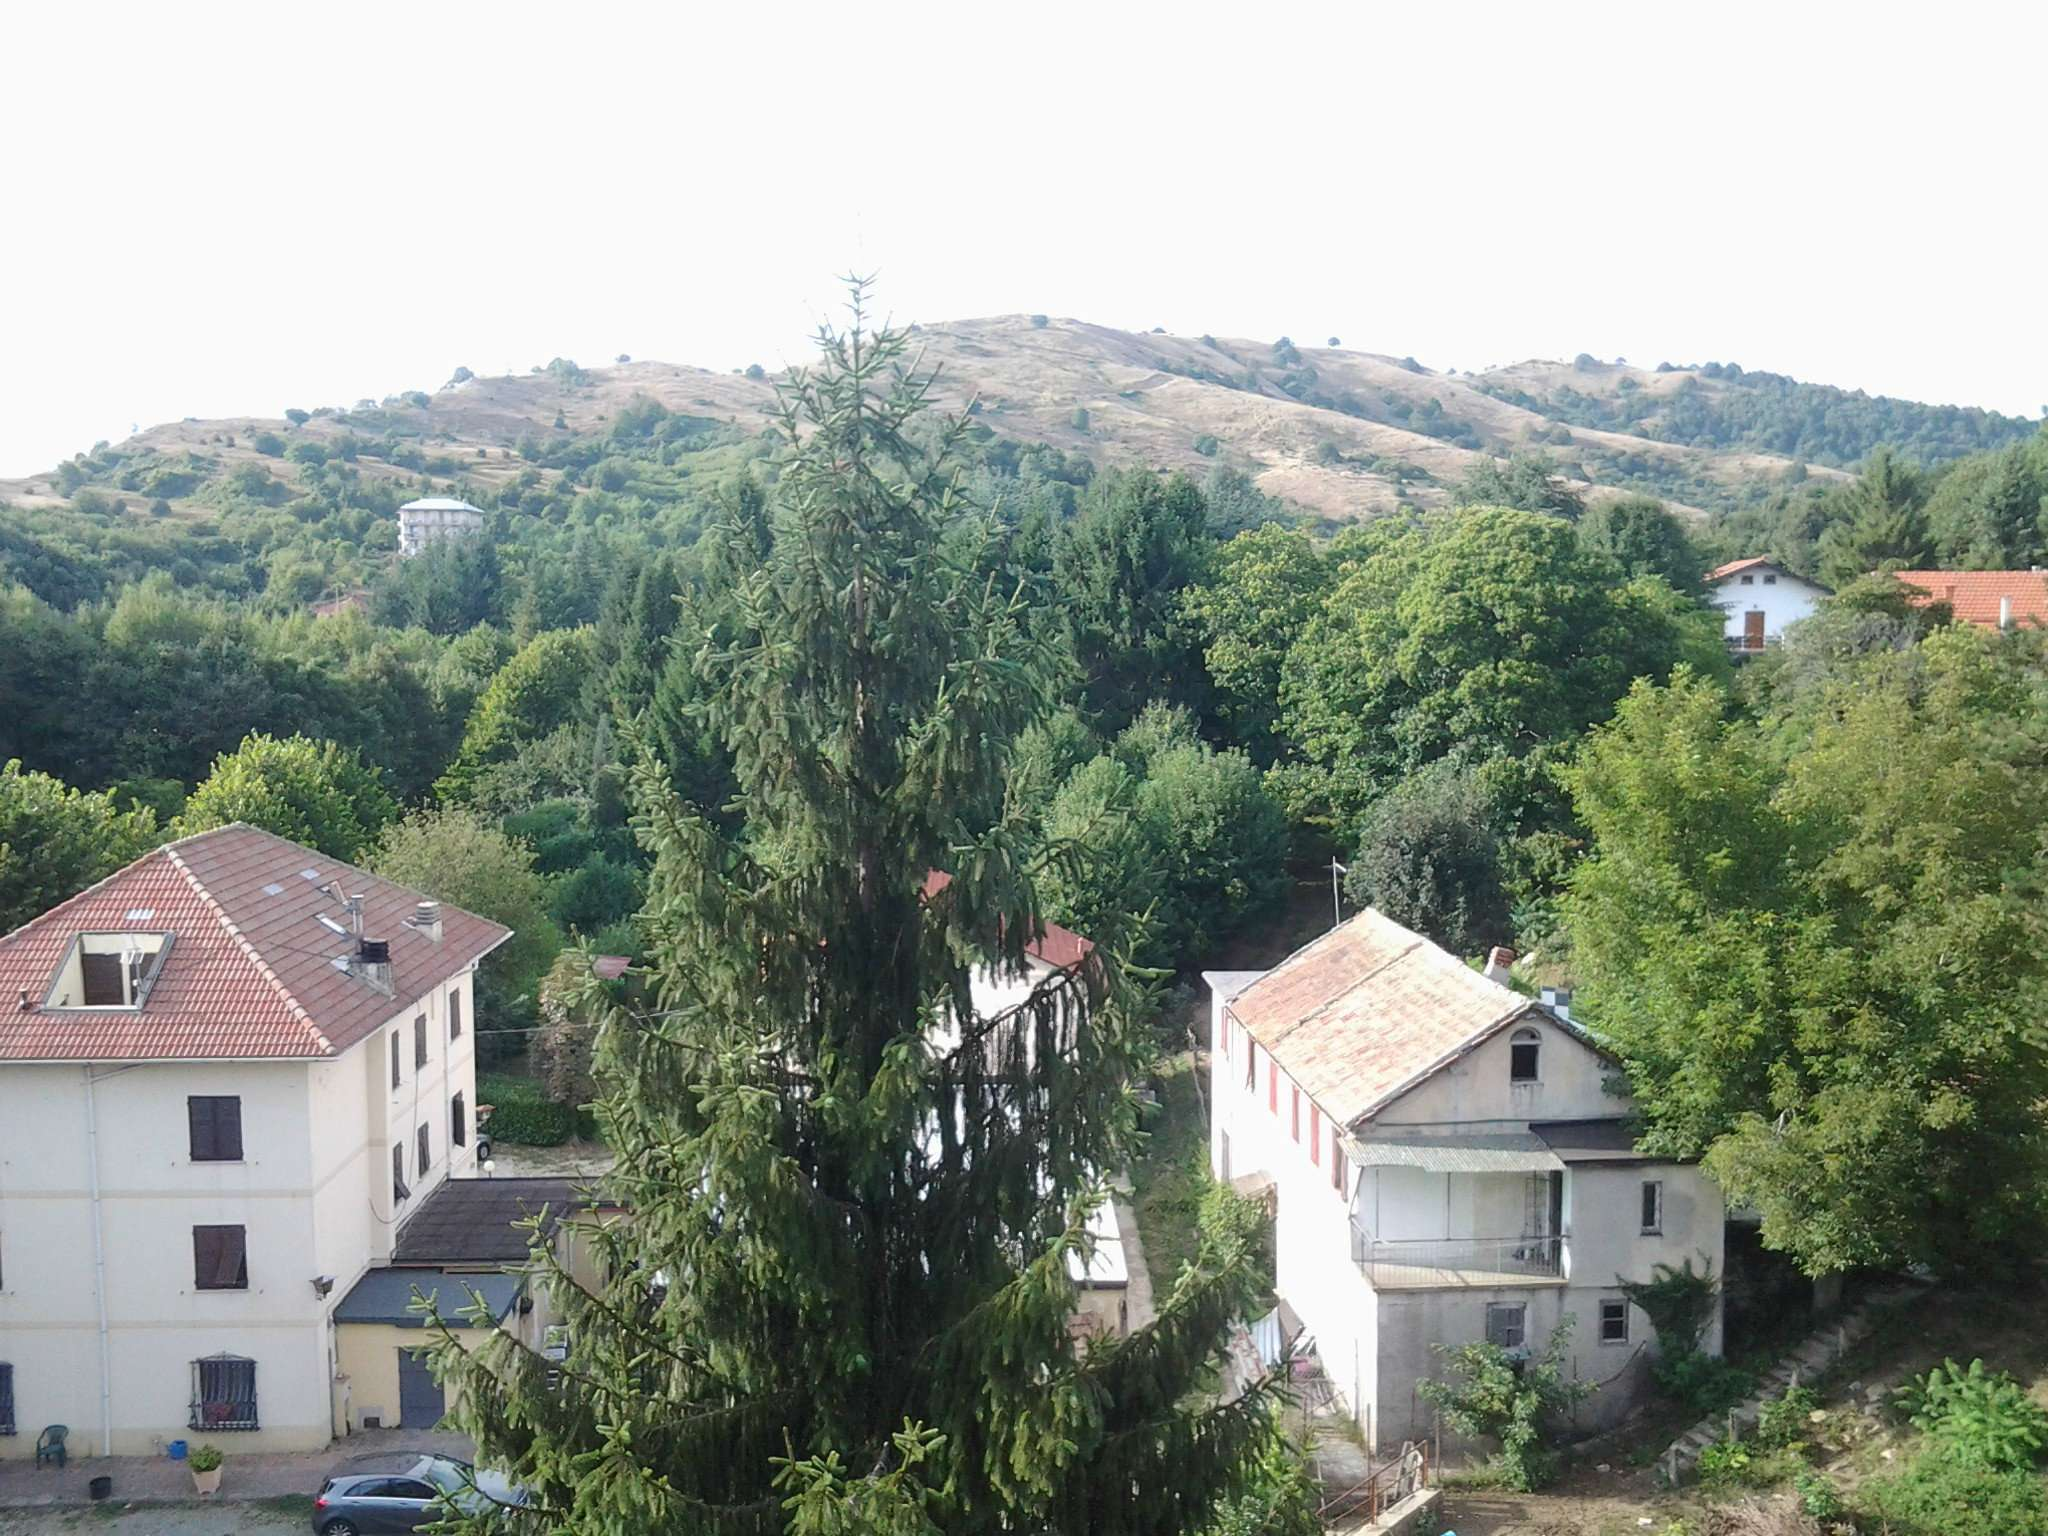 Appartamento in vendita a Montoggio, 3 locali, prezzo € 38.000 | CambioCasa.it